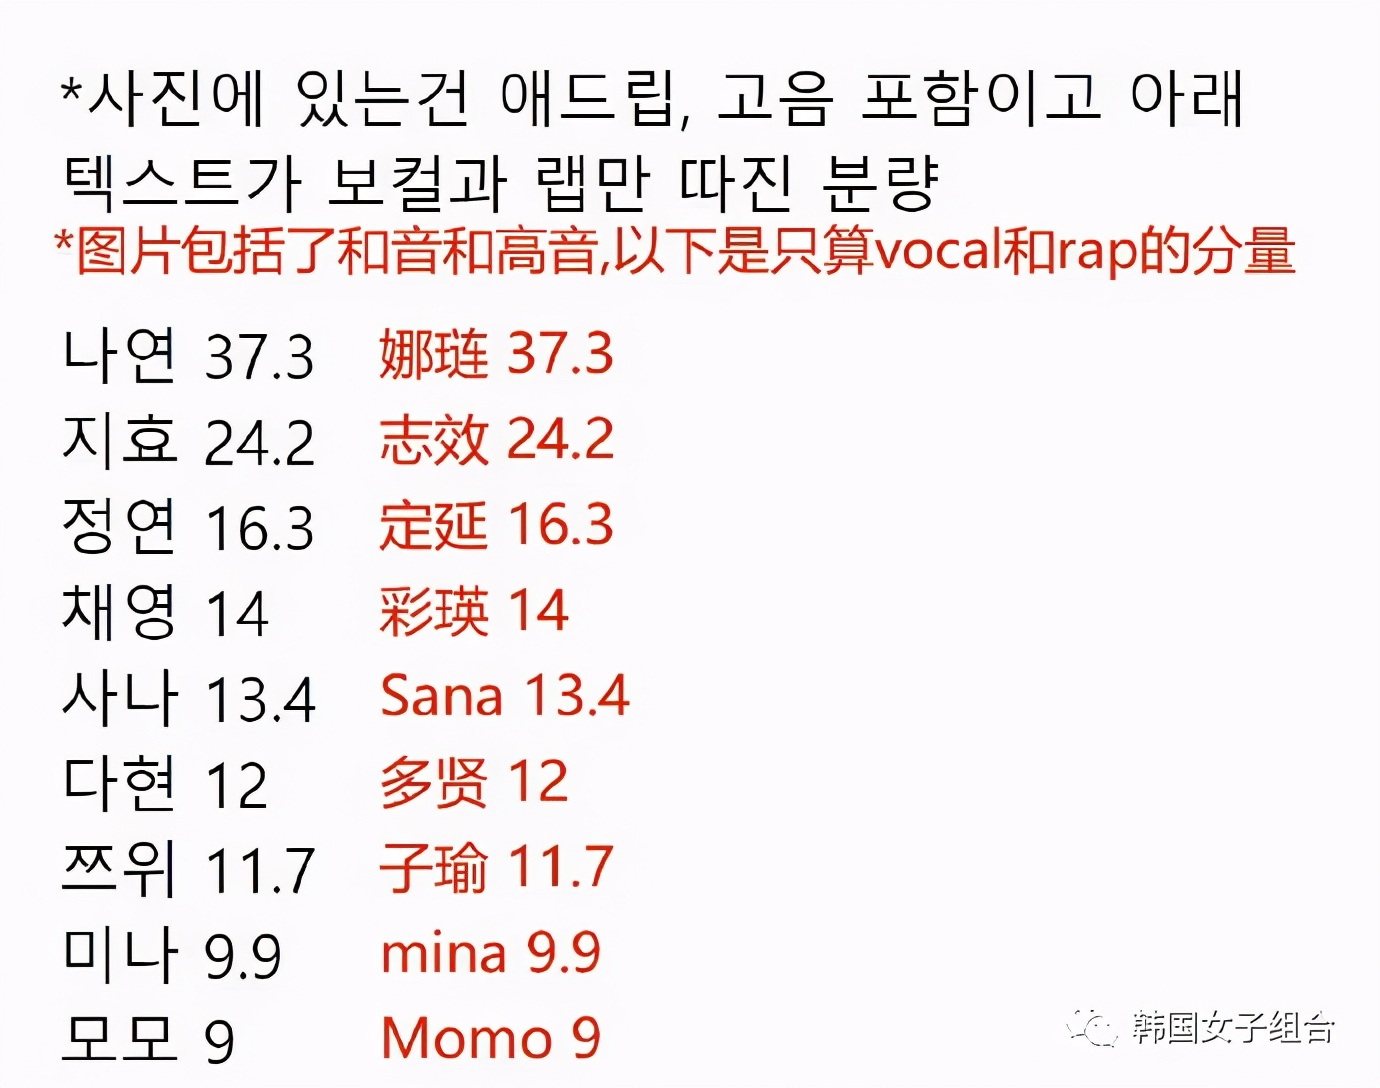 女团新曲各成员part分量,她只有9秒还被韩网友嫌多?